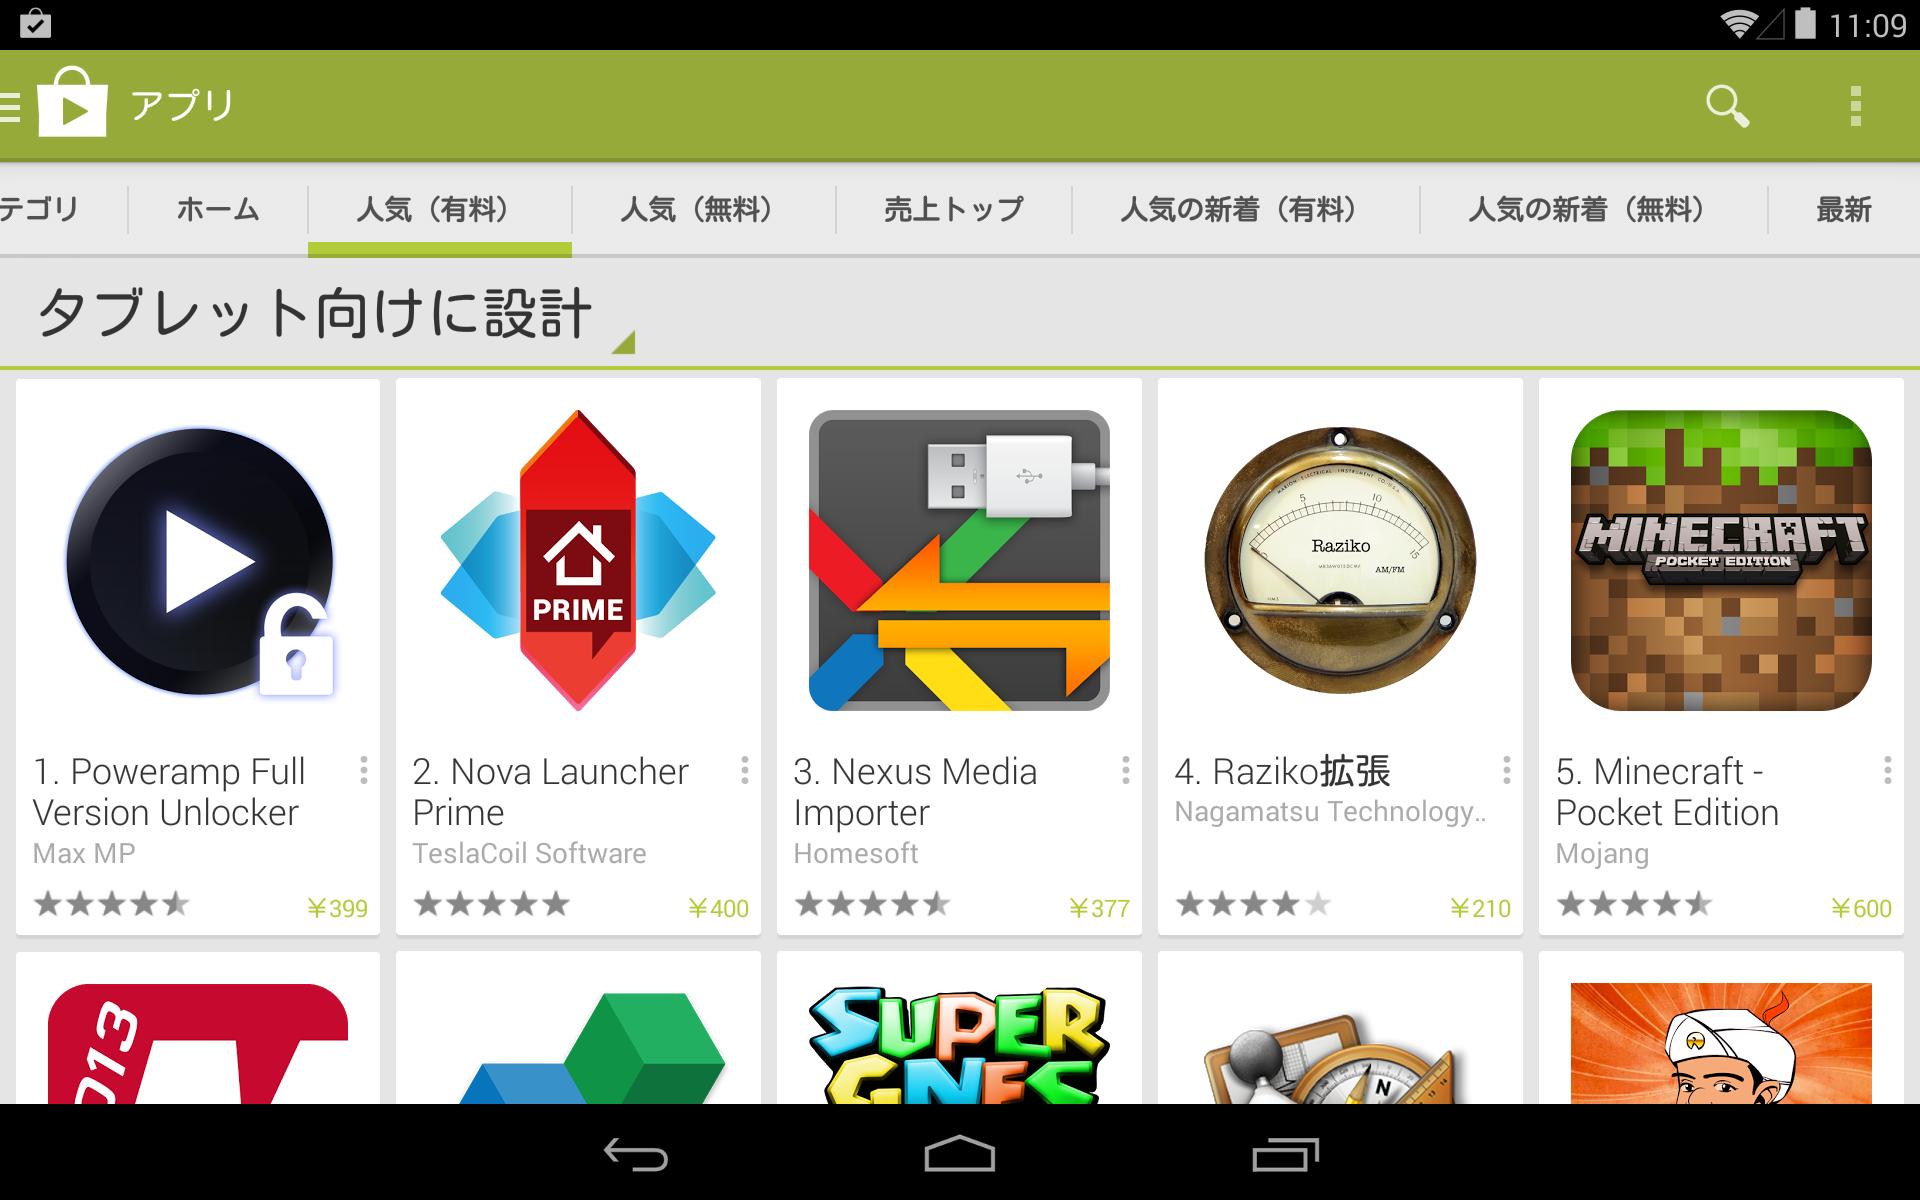 Google Playストアにてタブレットに最適化されたアプリのフィルタリングが可能に